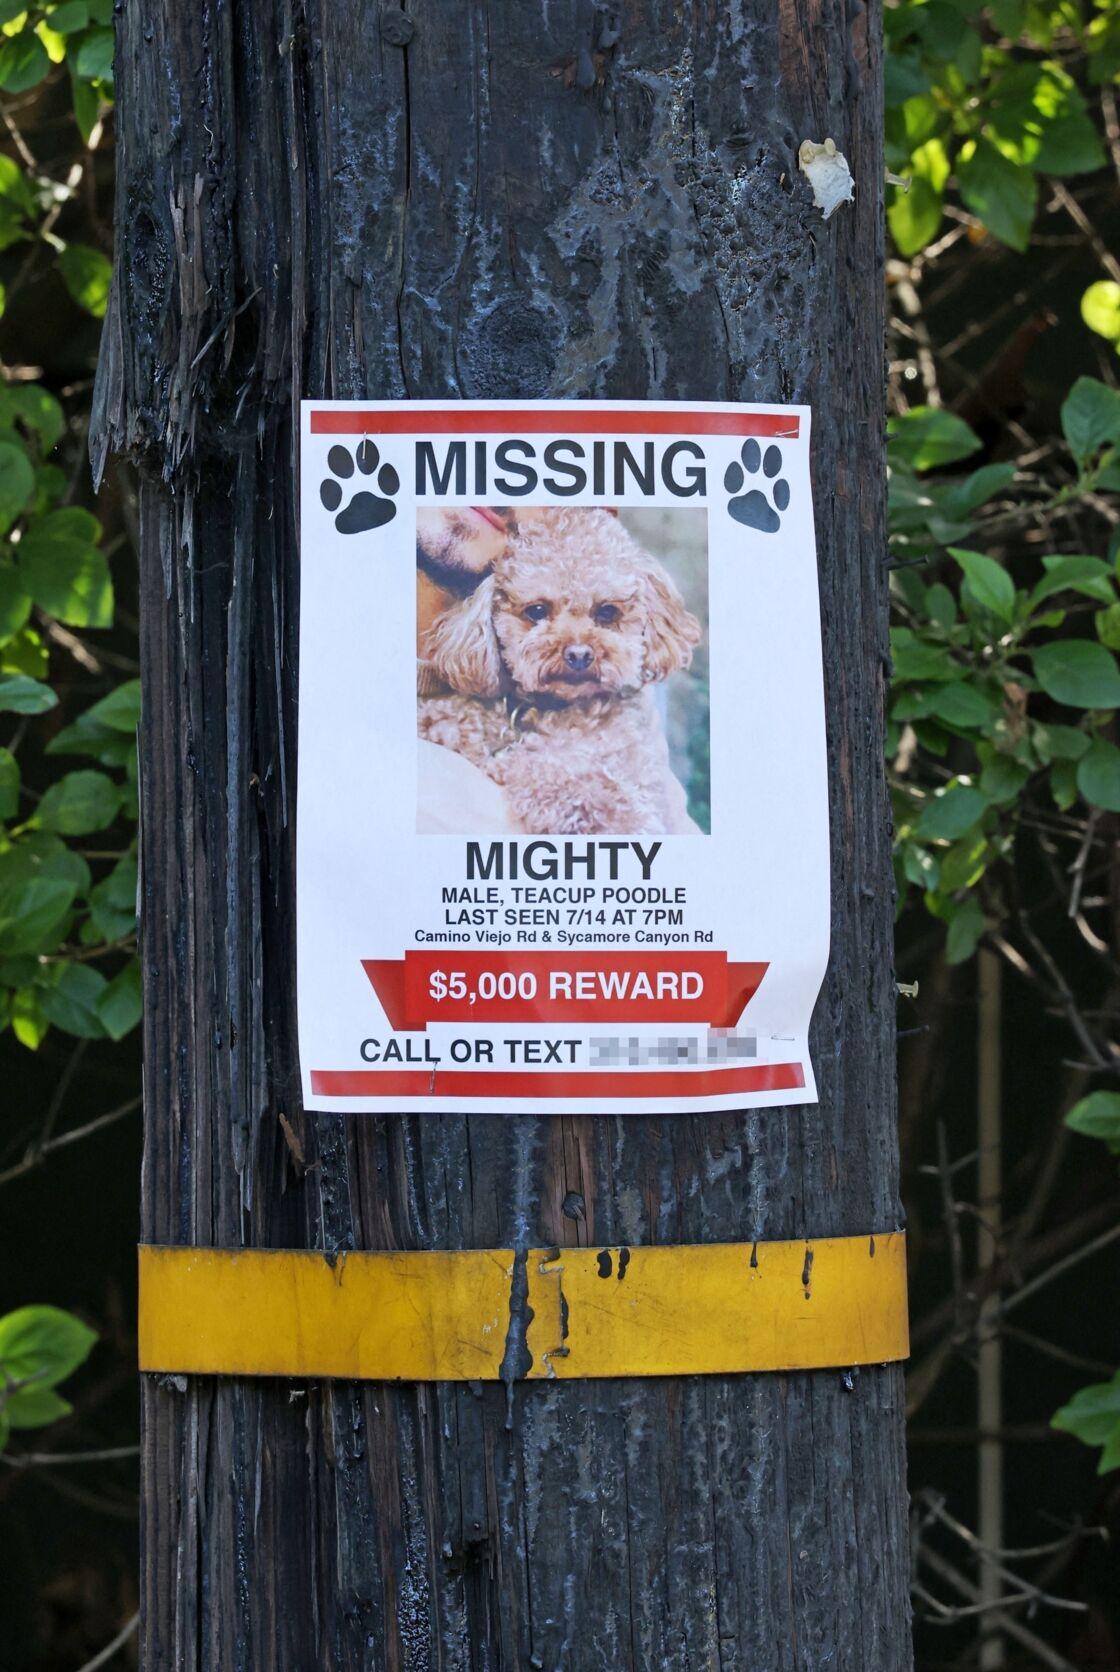 L'avis de recherche qui a été placardé dans les rues de Los Angeles, suite à la disparition de Mighty, le caniche d'Orlando Bloom et de Katy Perry.